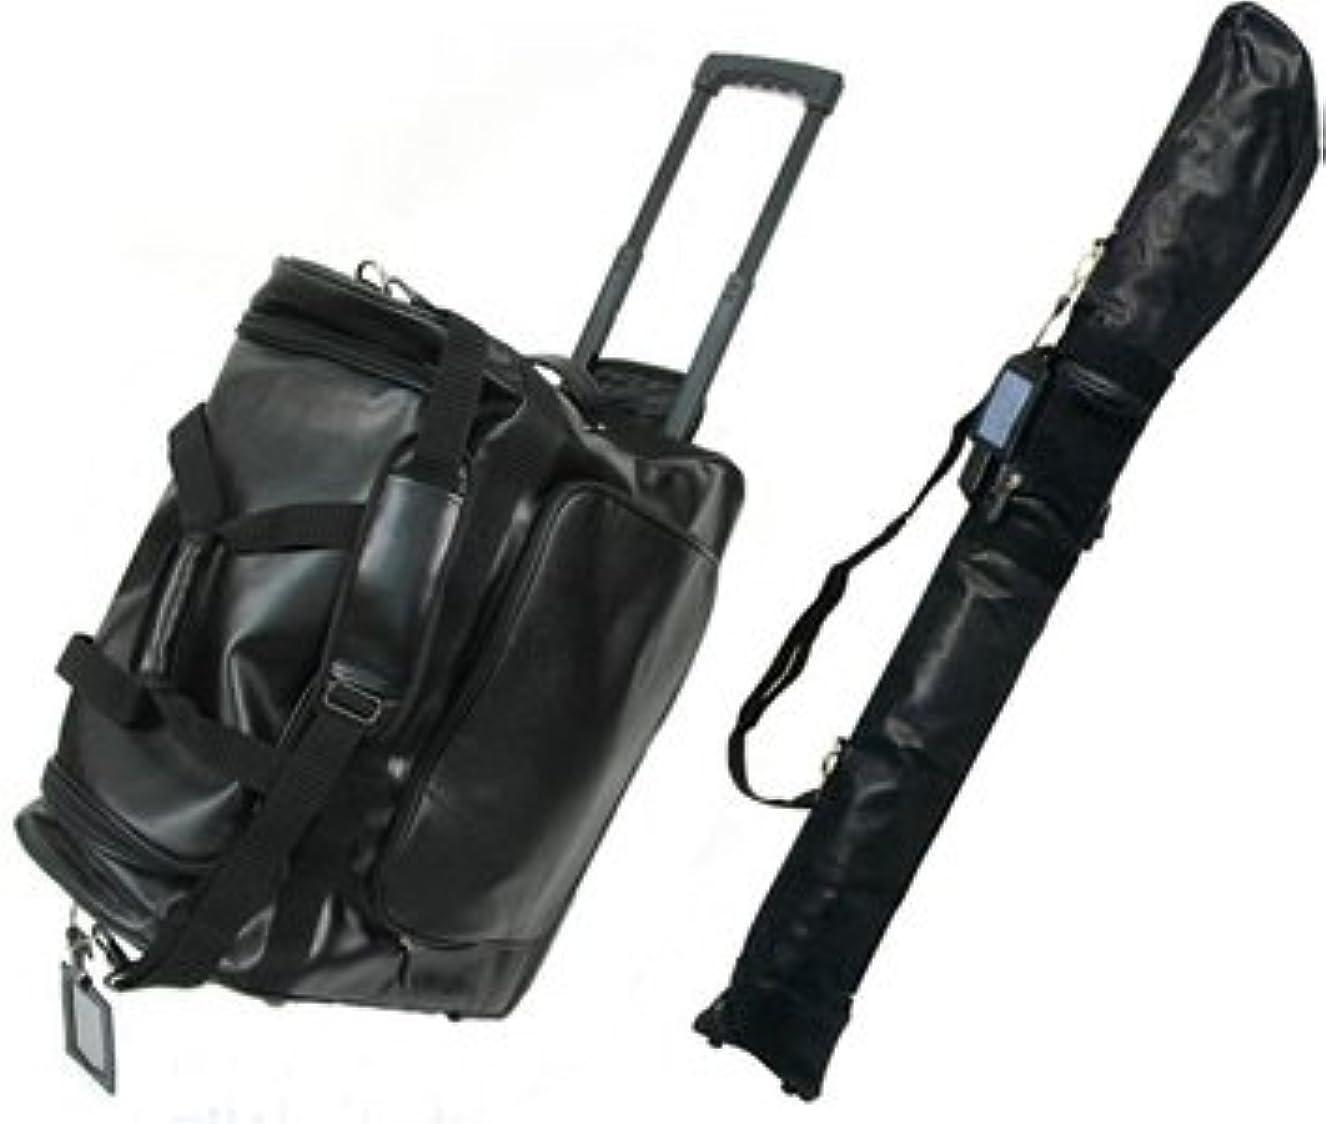 バストポット口径【剣道具 防具袋+竹刀袋セット】PVC遠征用キャリーバッグ + PVC竹刀ケース